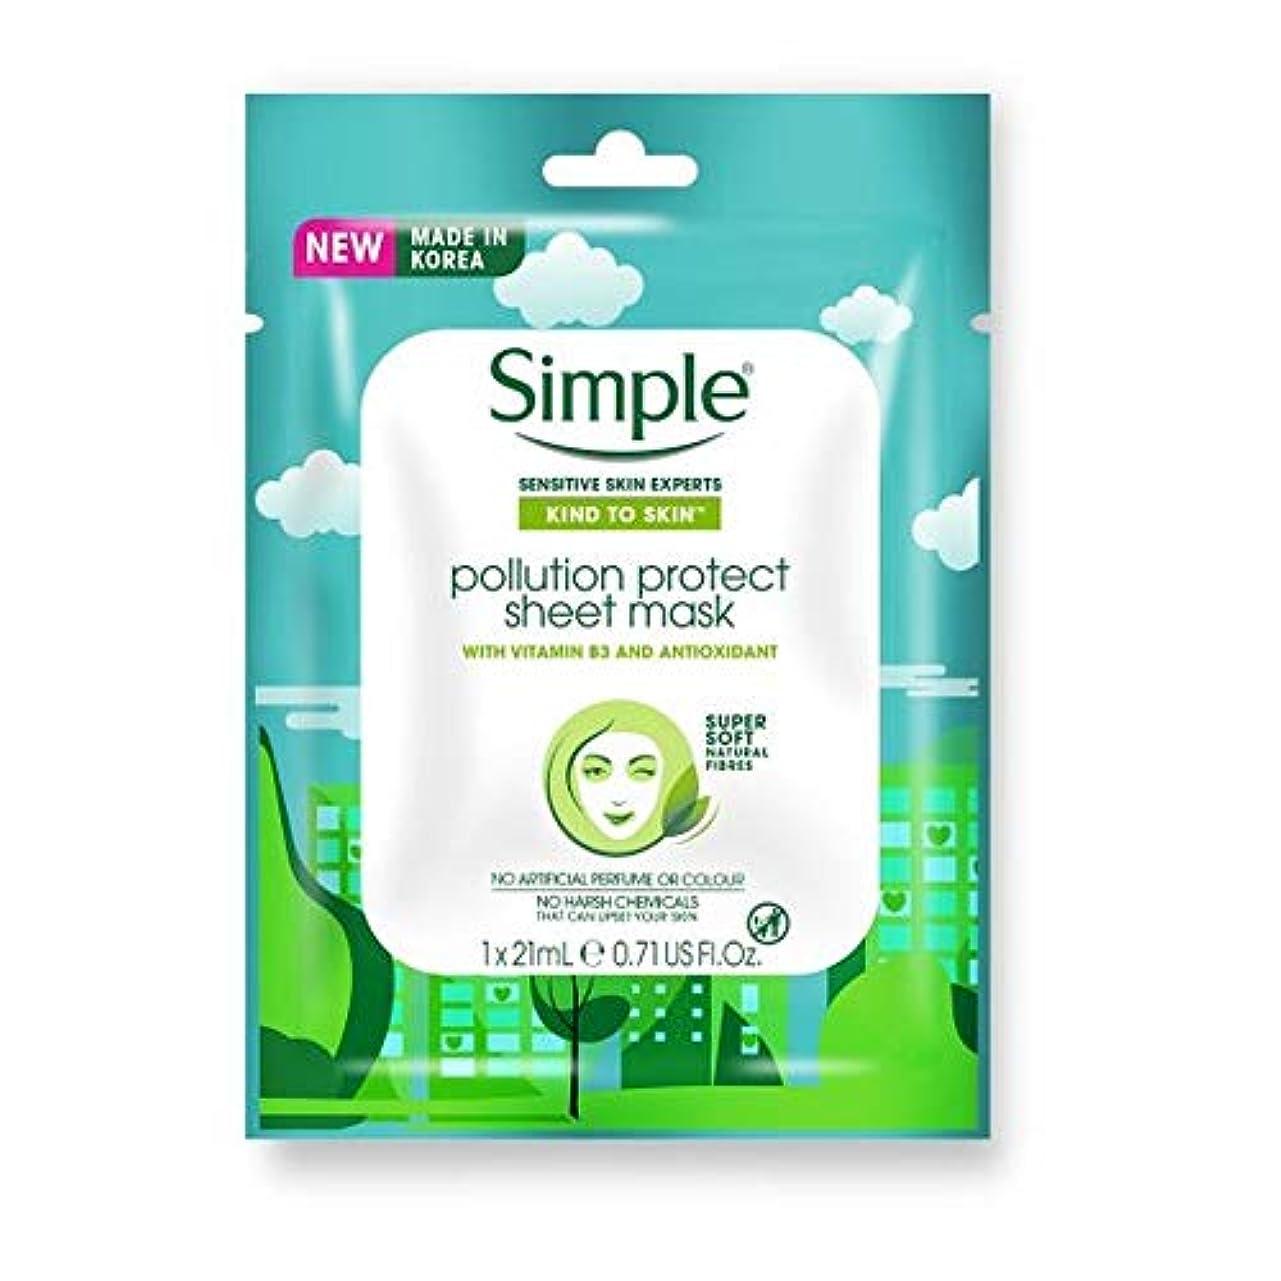 添付レジオーナメント[Simple] 皮膚汚染への単純な種類のシートマスク21ミリリットルを保護 - Simple Kind To Skin Pollution Protect Sheet Mask 21Ml [並行輸入品]